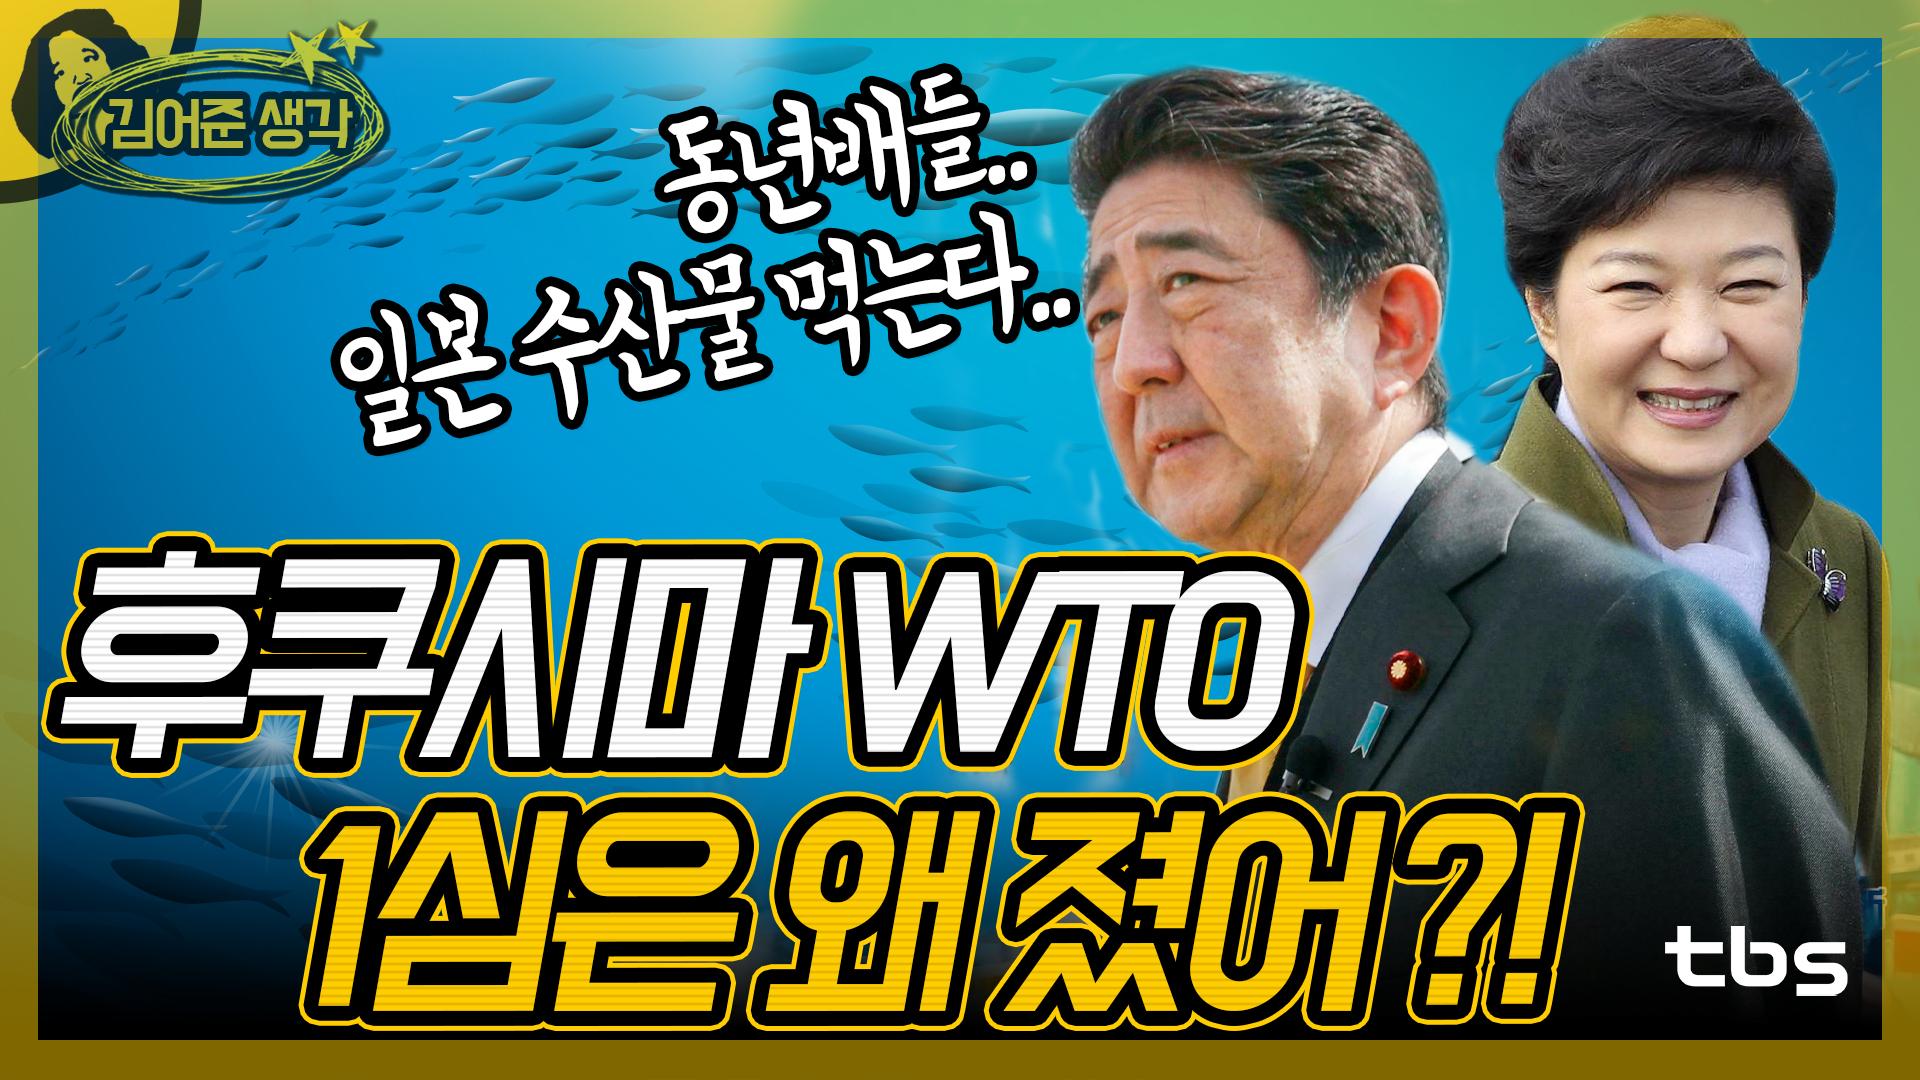 후쿠시마 WTO 1심은 왜 졌어? [김어준의 뉴스공장/김어준생각]